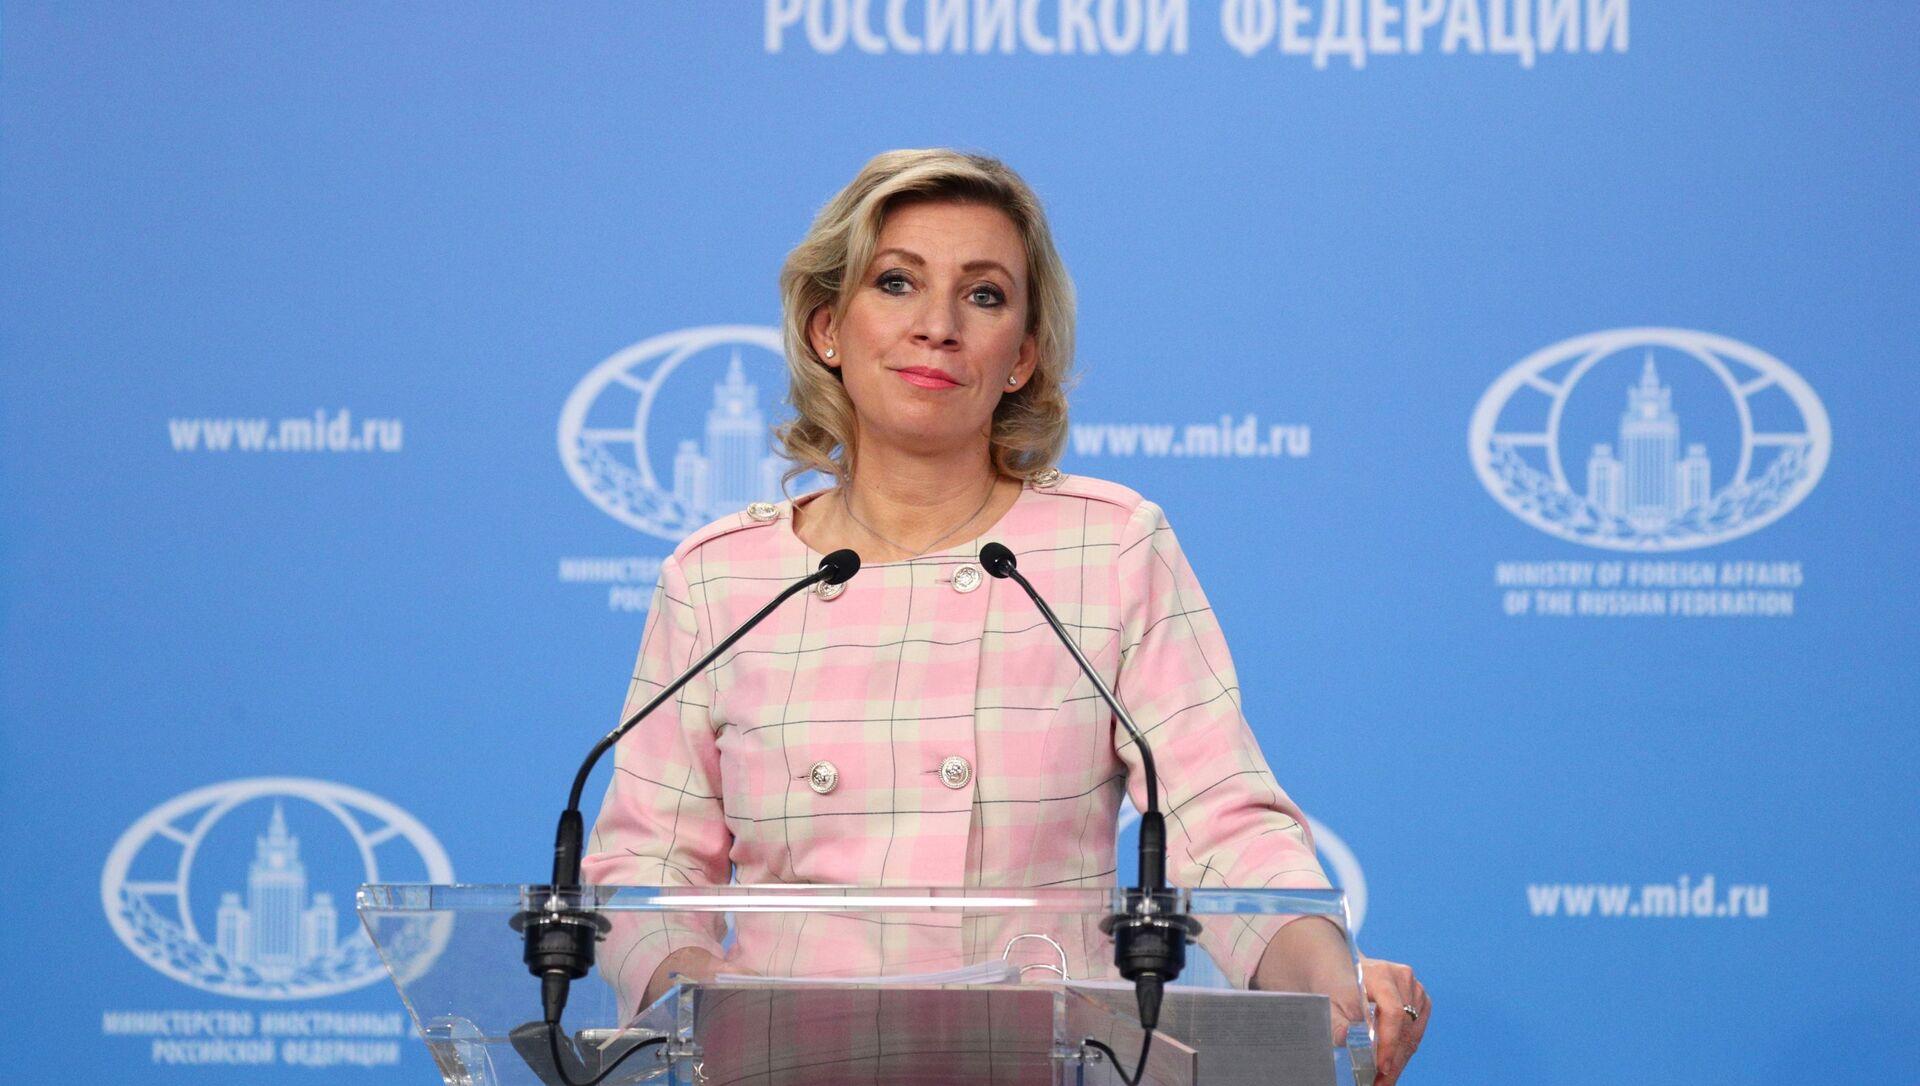 Portparolka Ministarstva spoljnih poslova Rusije Marija Zaharova - Sputnik Srbija, 1920, 12.02.2021